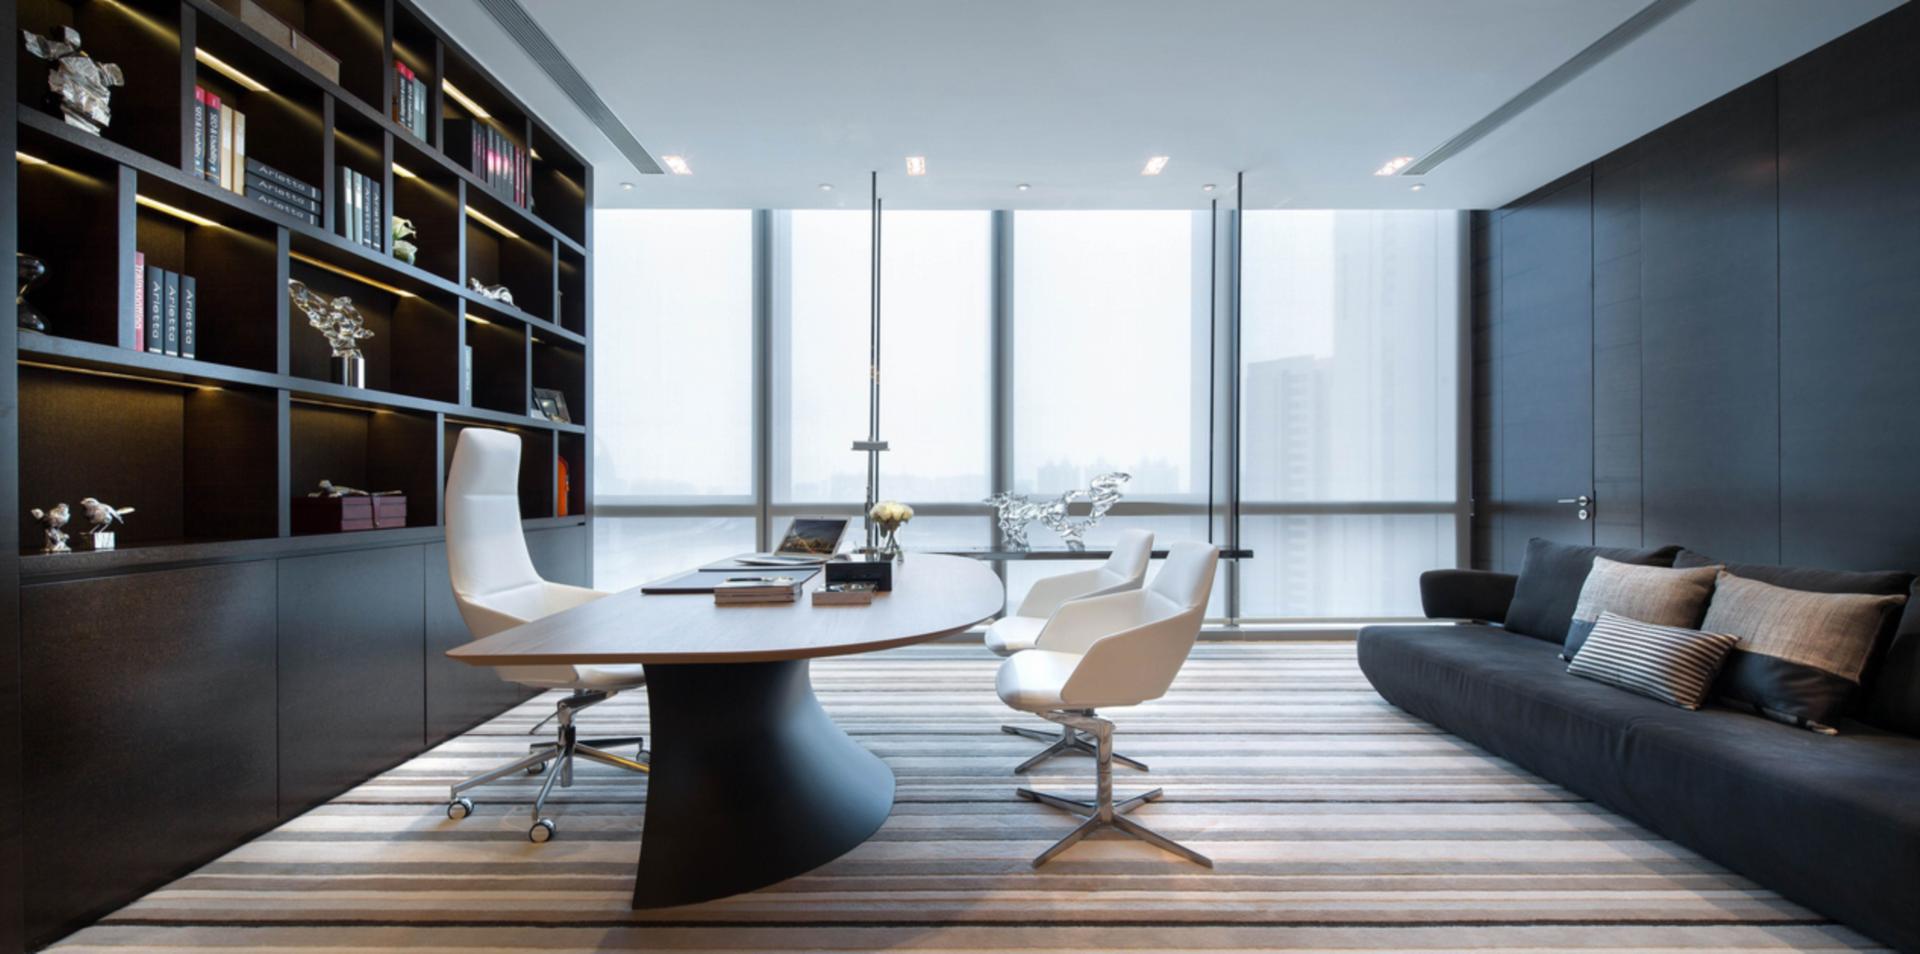 办公空间室内装修设计案例---[商场]